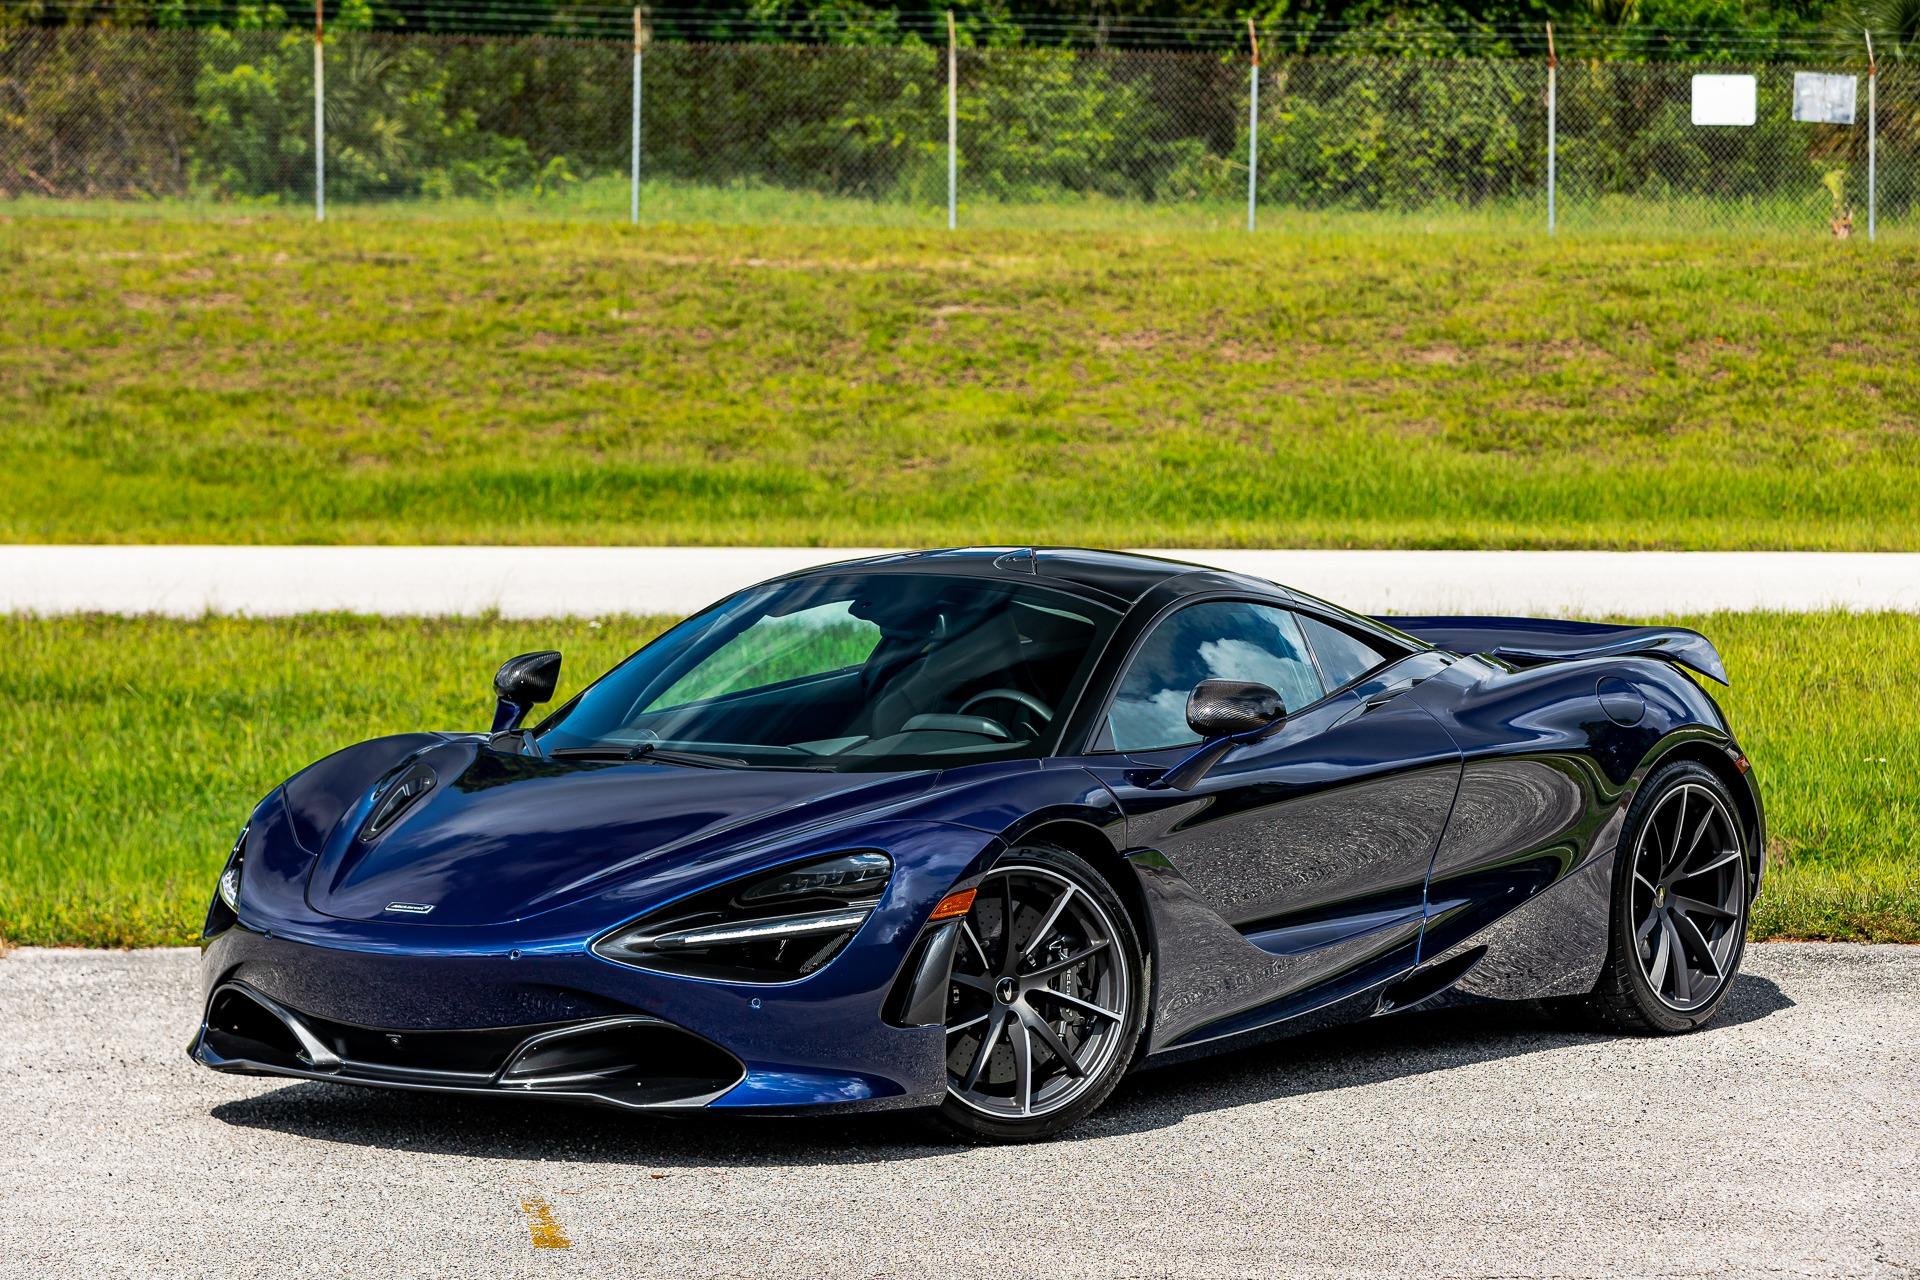 Used 2019 McLaren 720S Luxury for sale $286,880 at McLaren Orlando LLC in Titusville FL 32780 1